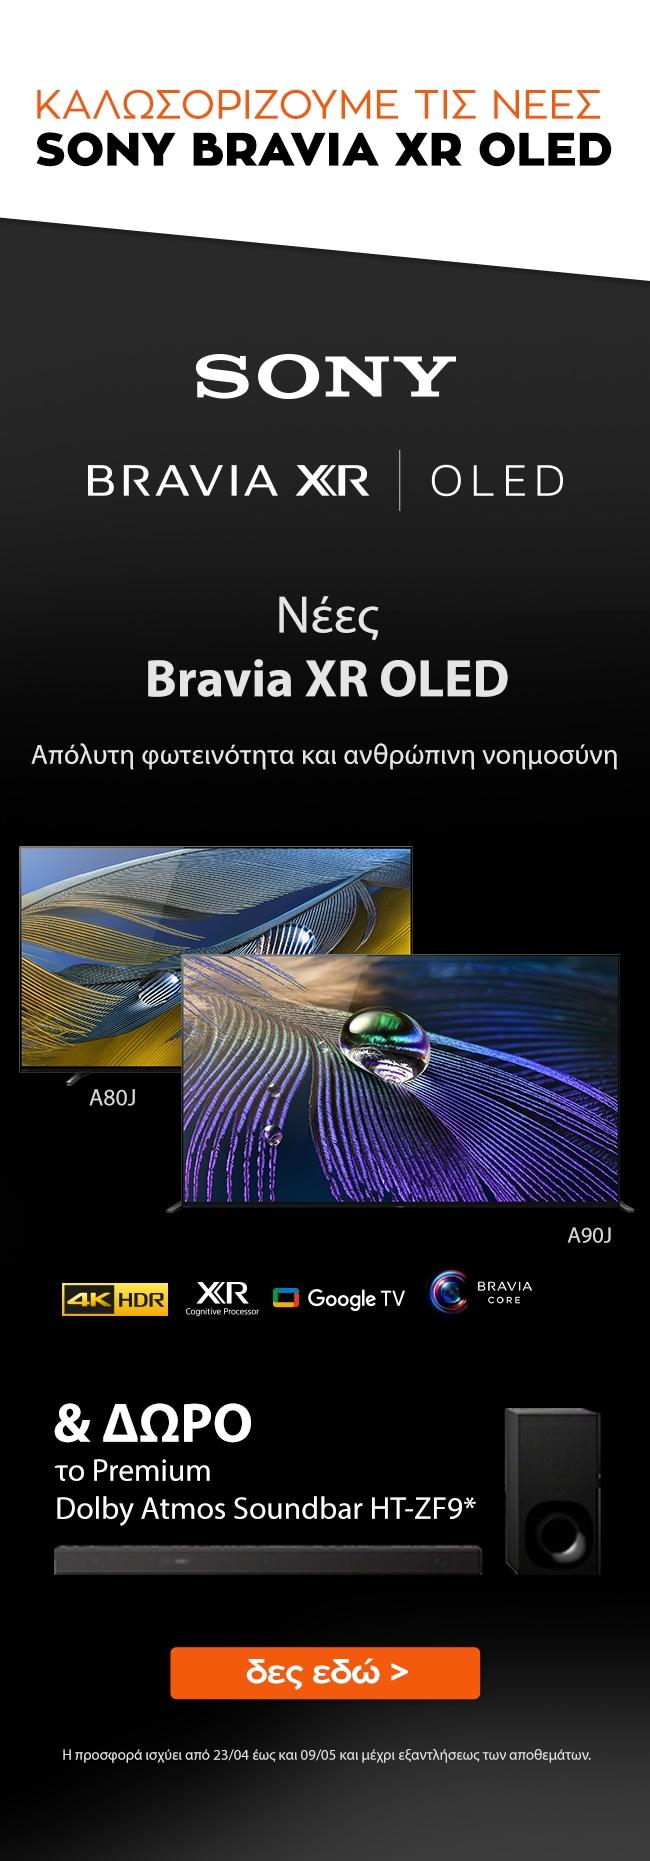 Νέες SONY Bravia XR OLED